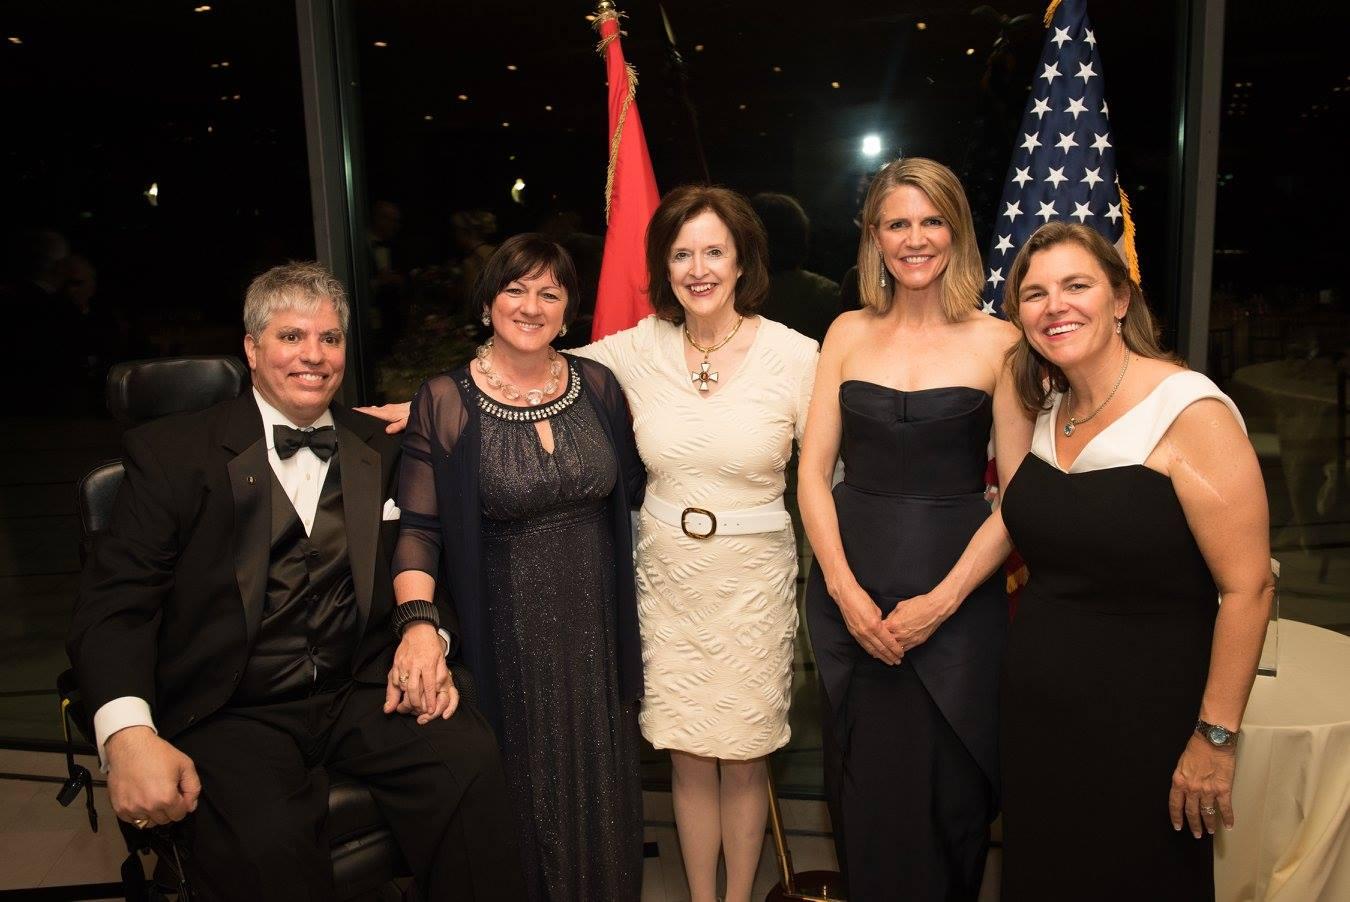 Mr. Max Teleki, Ambassador Dr. Réka Szemerkényi, Ambassador April H. Foley, Ambassador Colleen Bell, Mrs. Andrea Lauer Rice